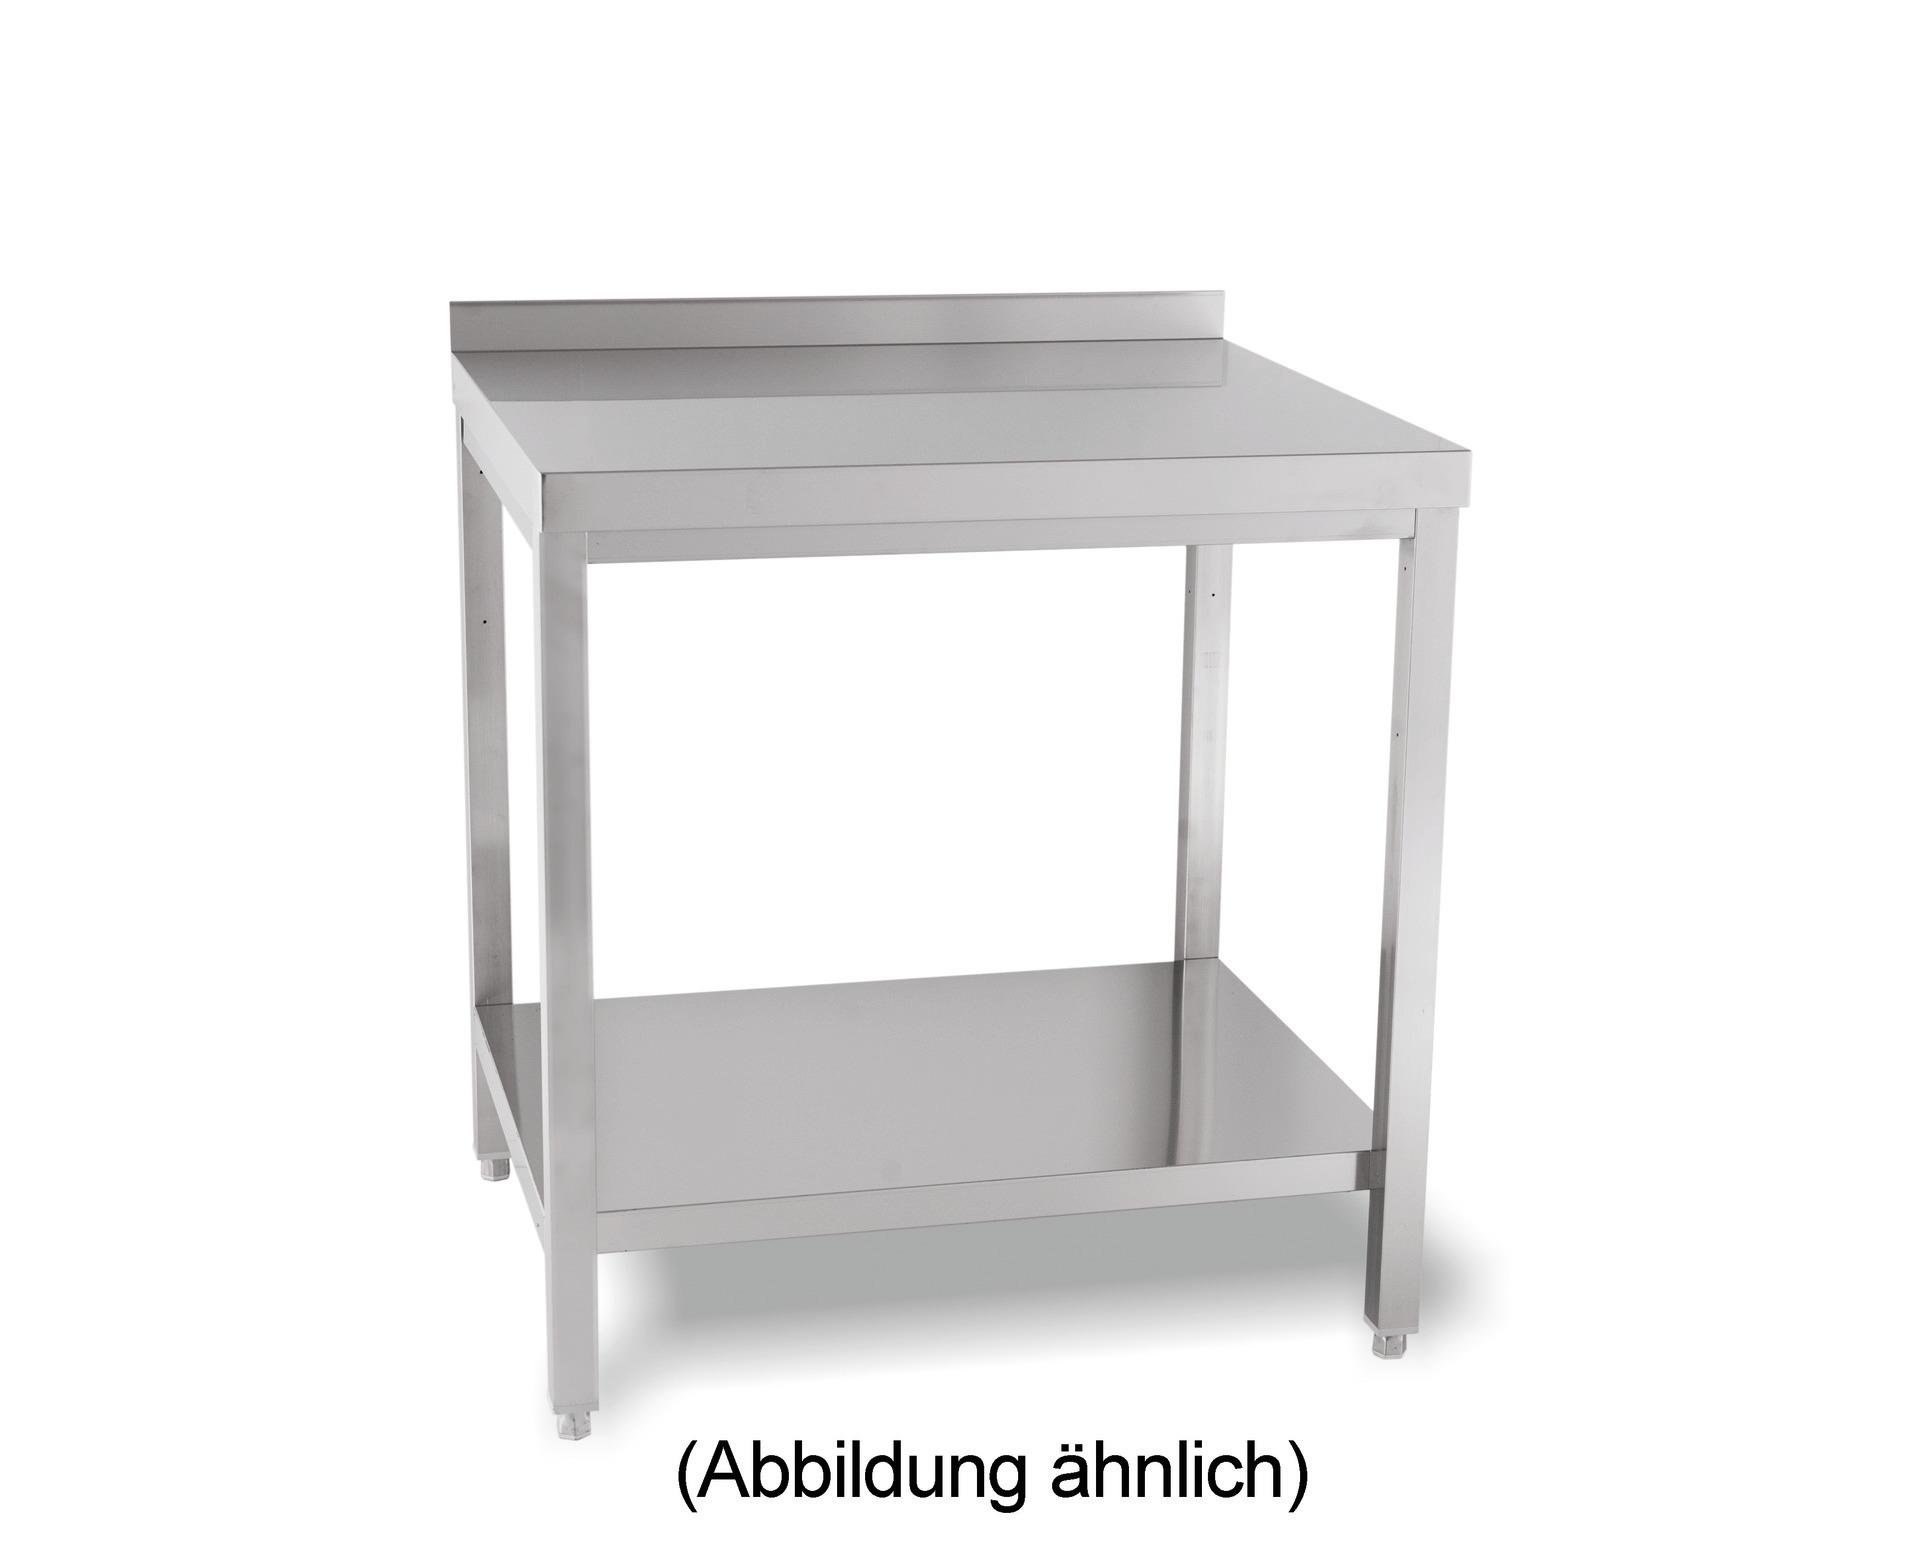 Arbeitstisch verschweißt mit Ablageboden mit 50 mm Aufkantung 1600 x 700 x 850 mm